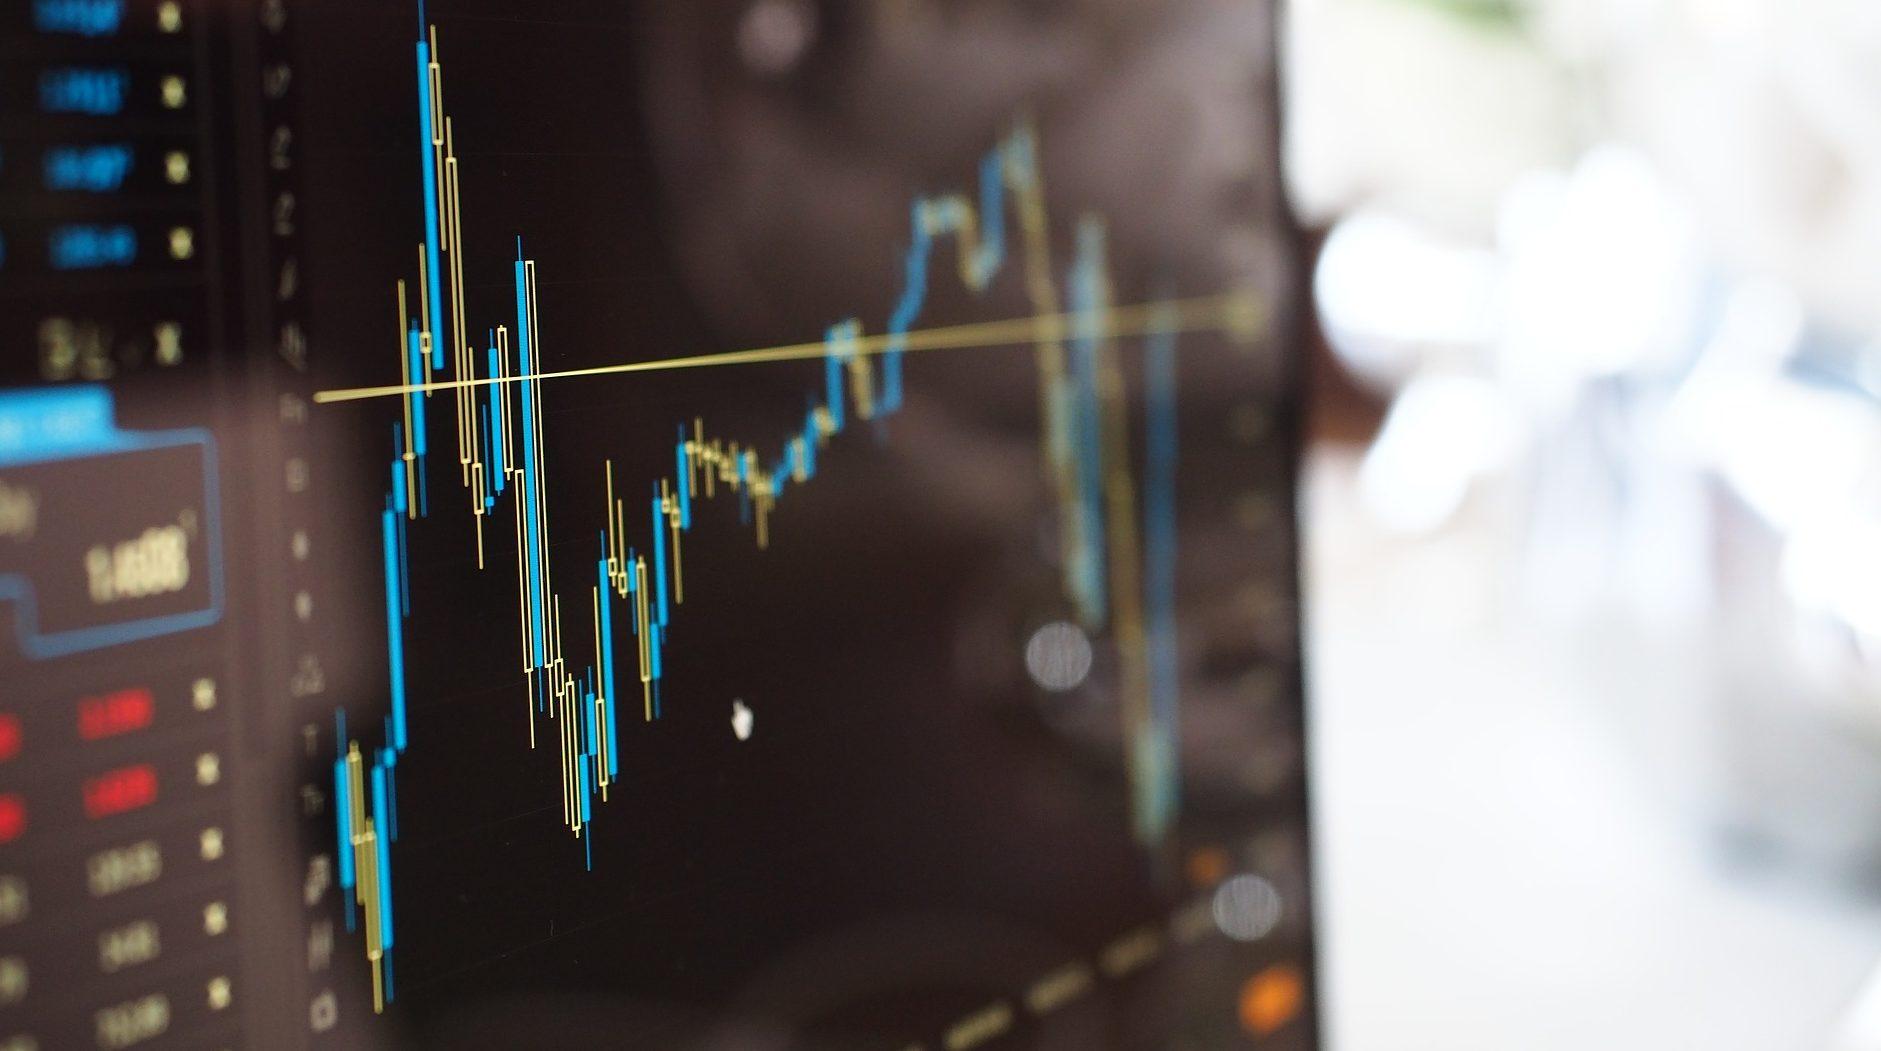 סיכון או סיכוי? החשיפה למניות בקרנות פנסיה ברירת מחדל גבוהה יותר מבקרנות של חברות הביטוח